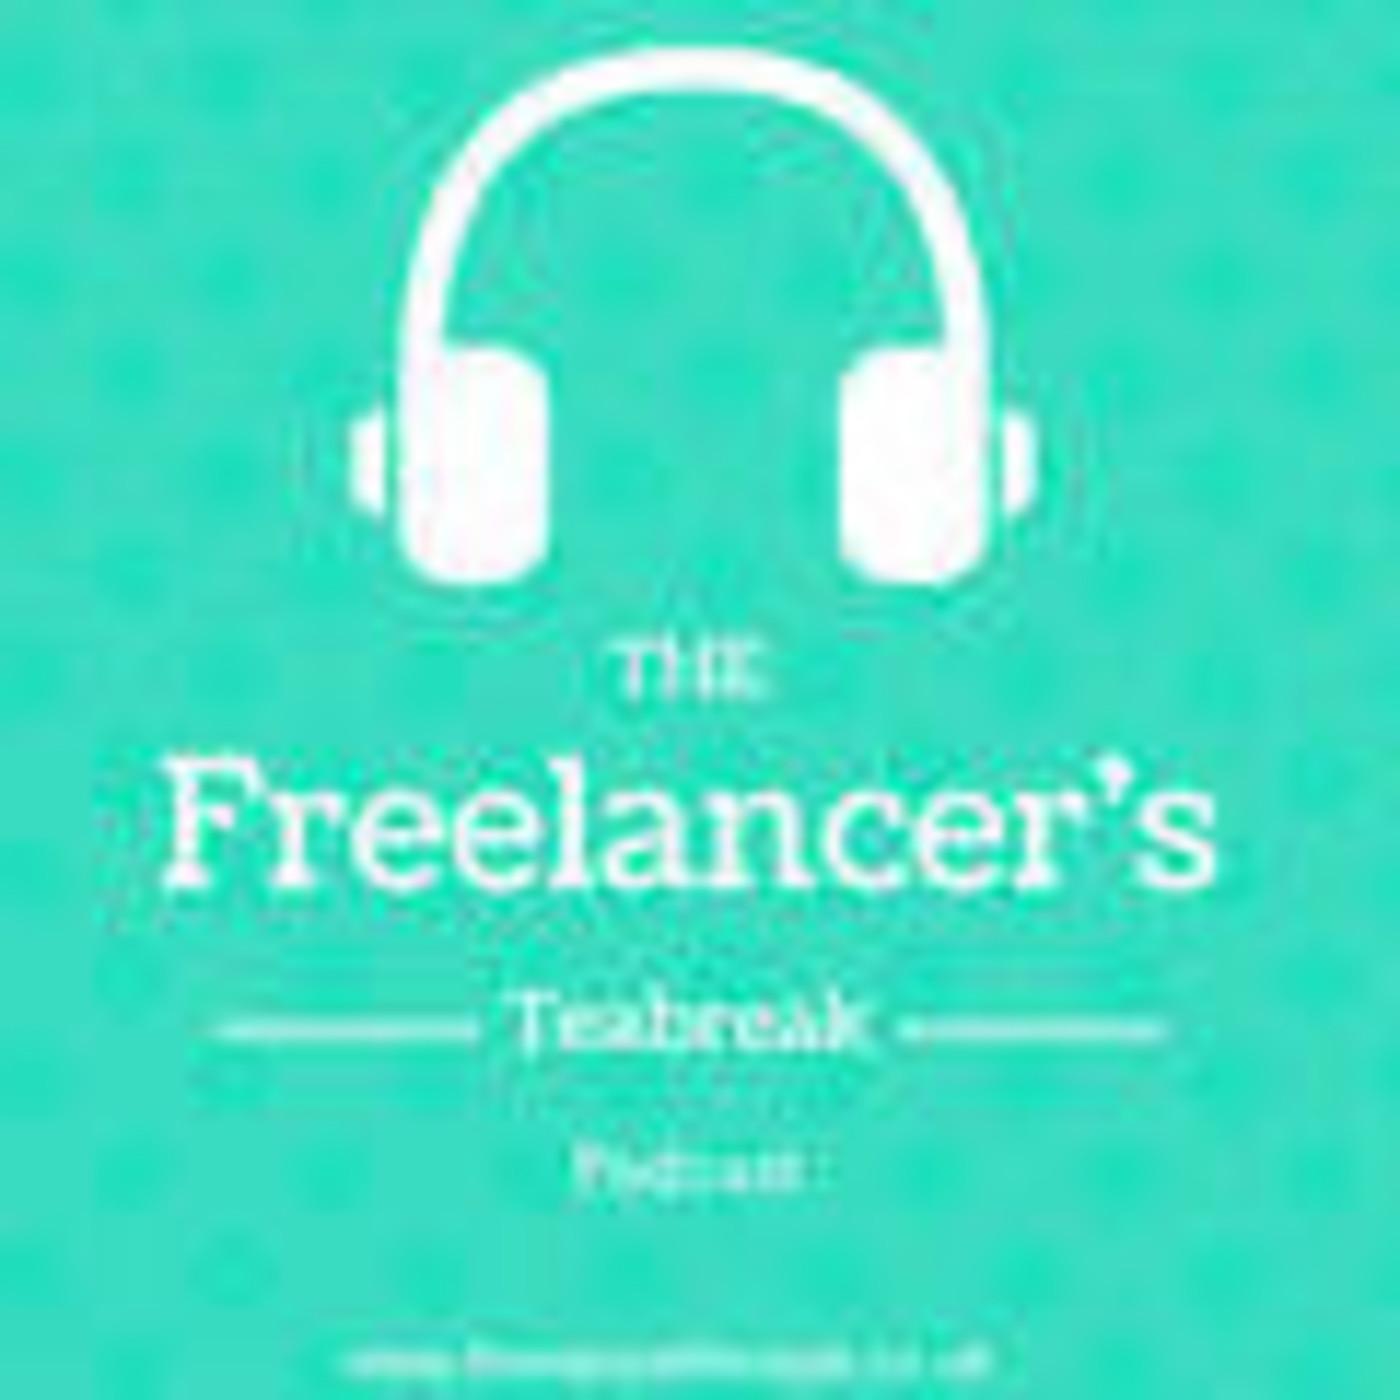 The Freelance Lifestyle